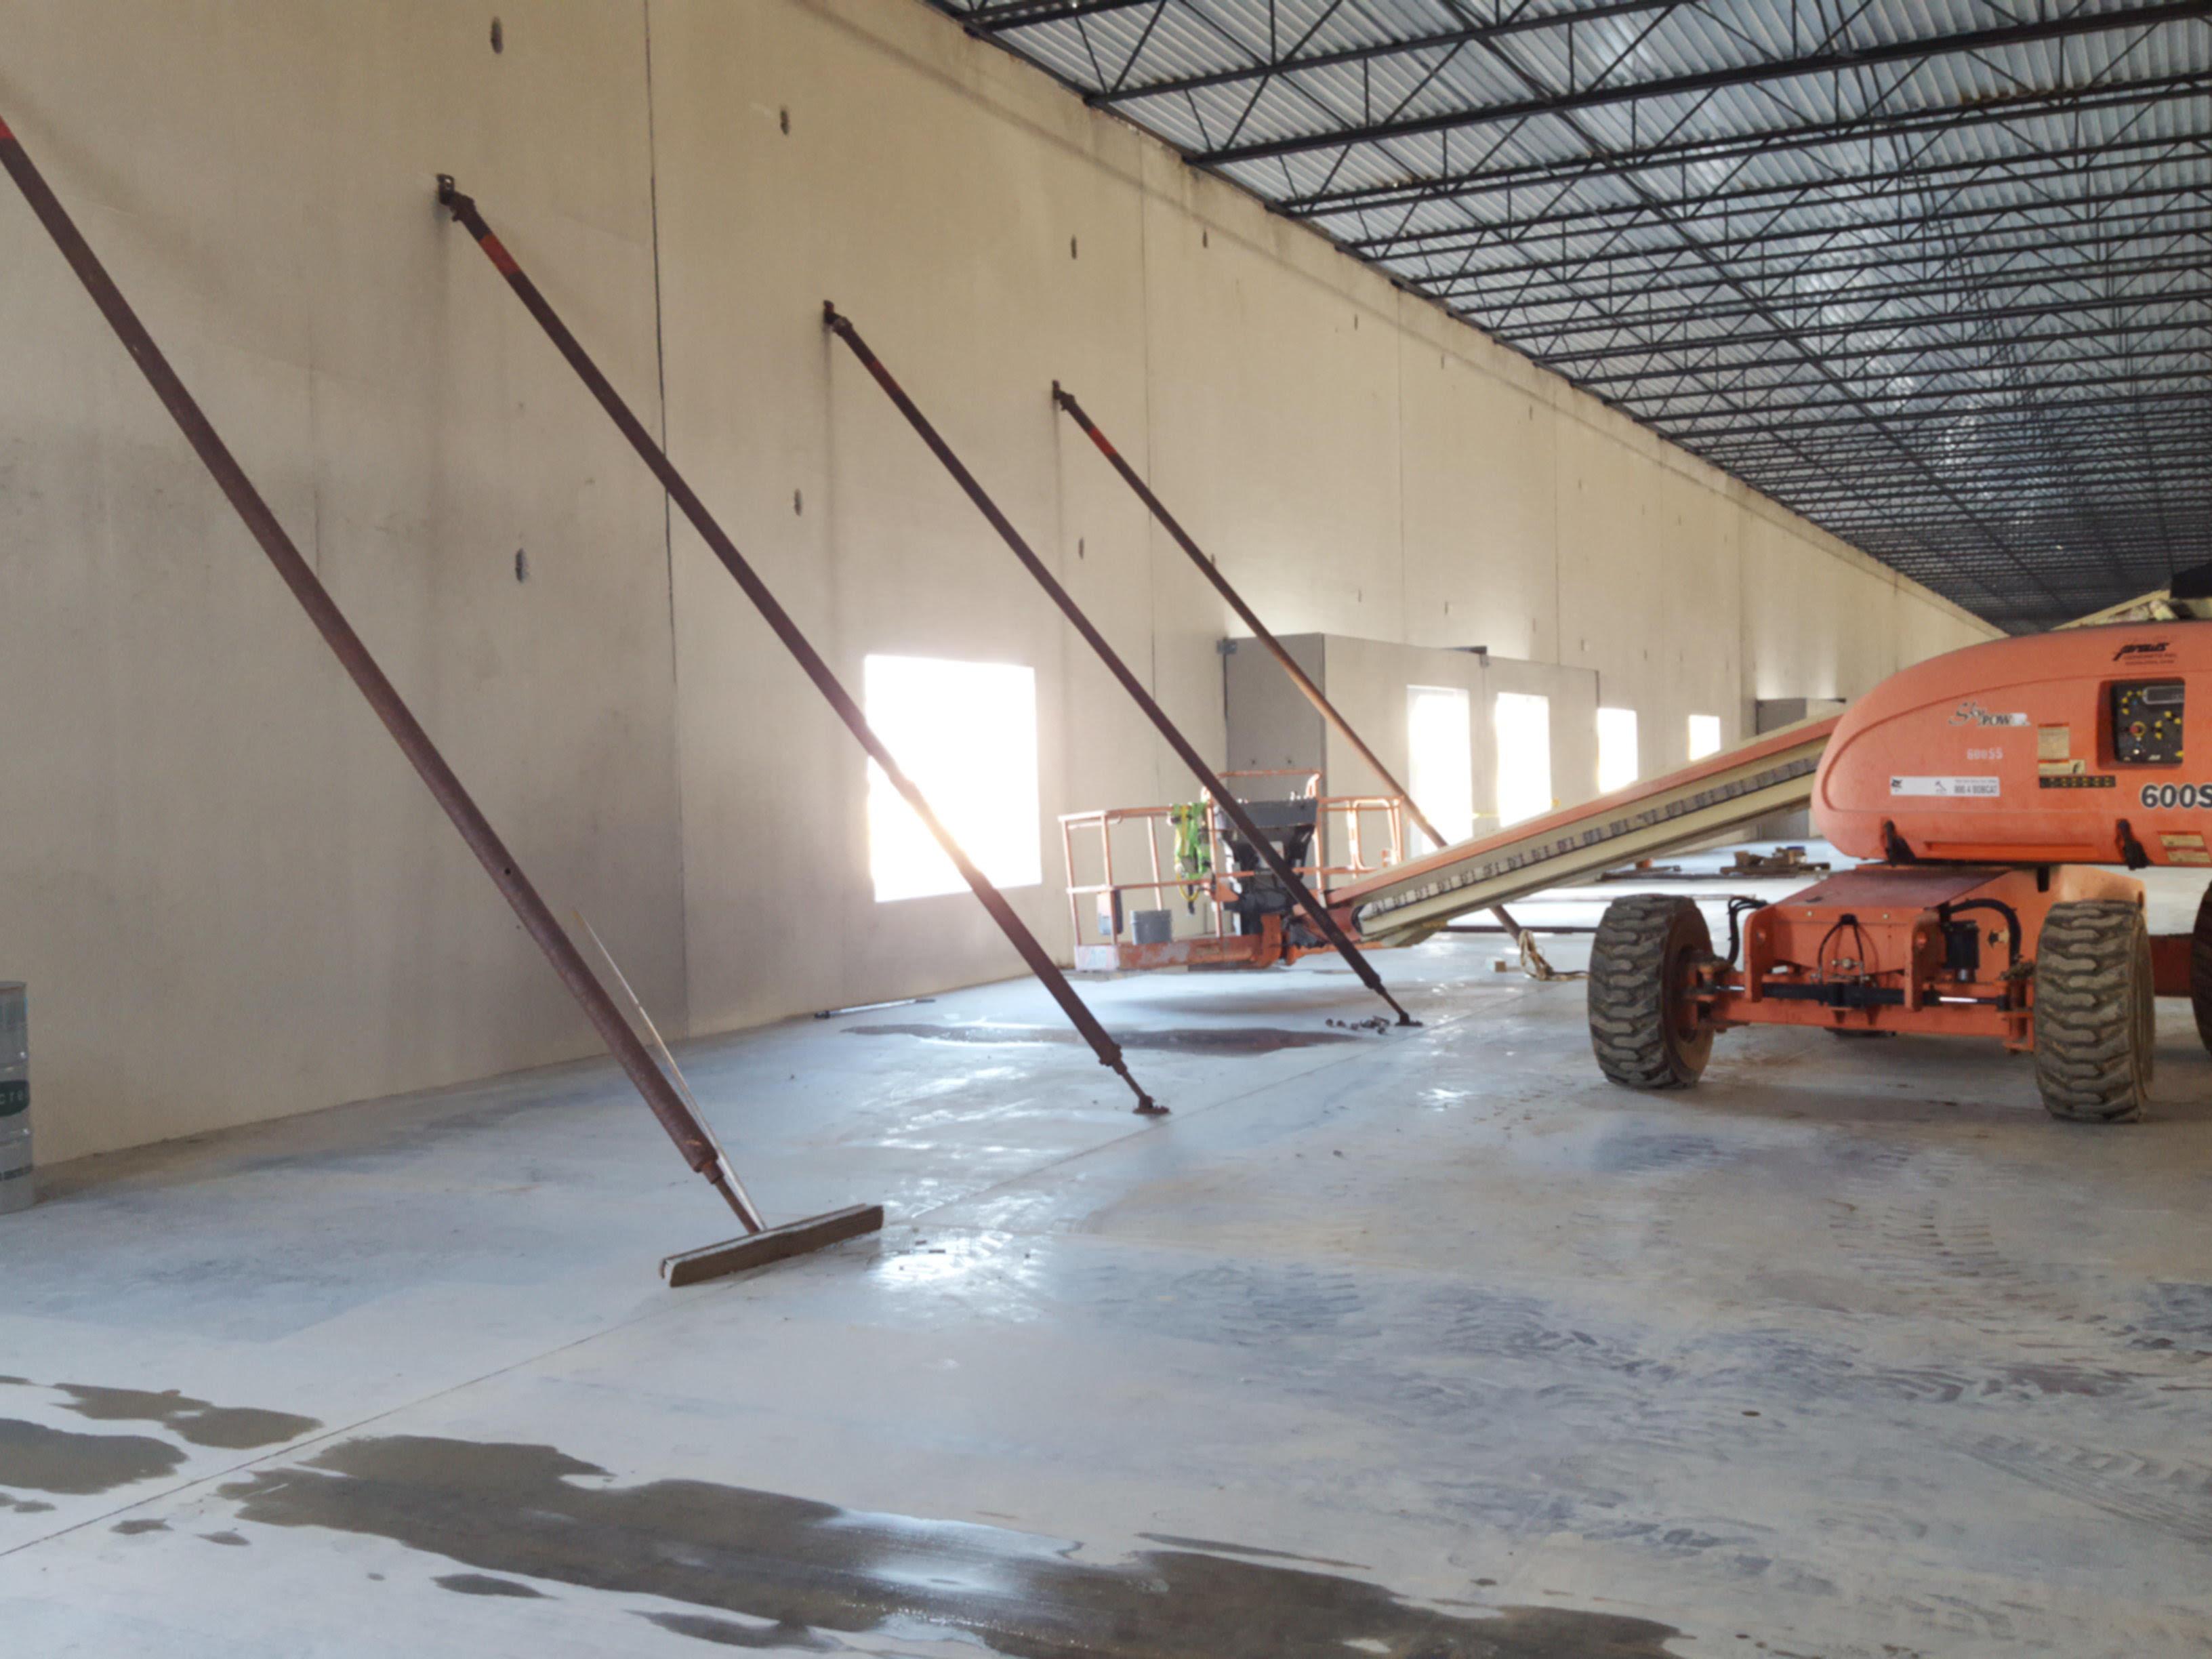 Lot 6, tilt up construction, class A concrete last mile delivery, industrial warehouse building, Hebron, KY